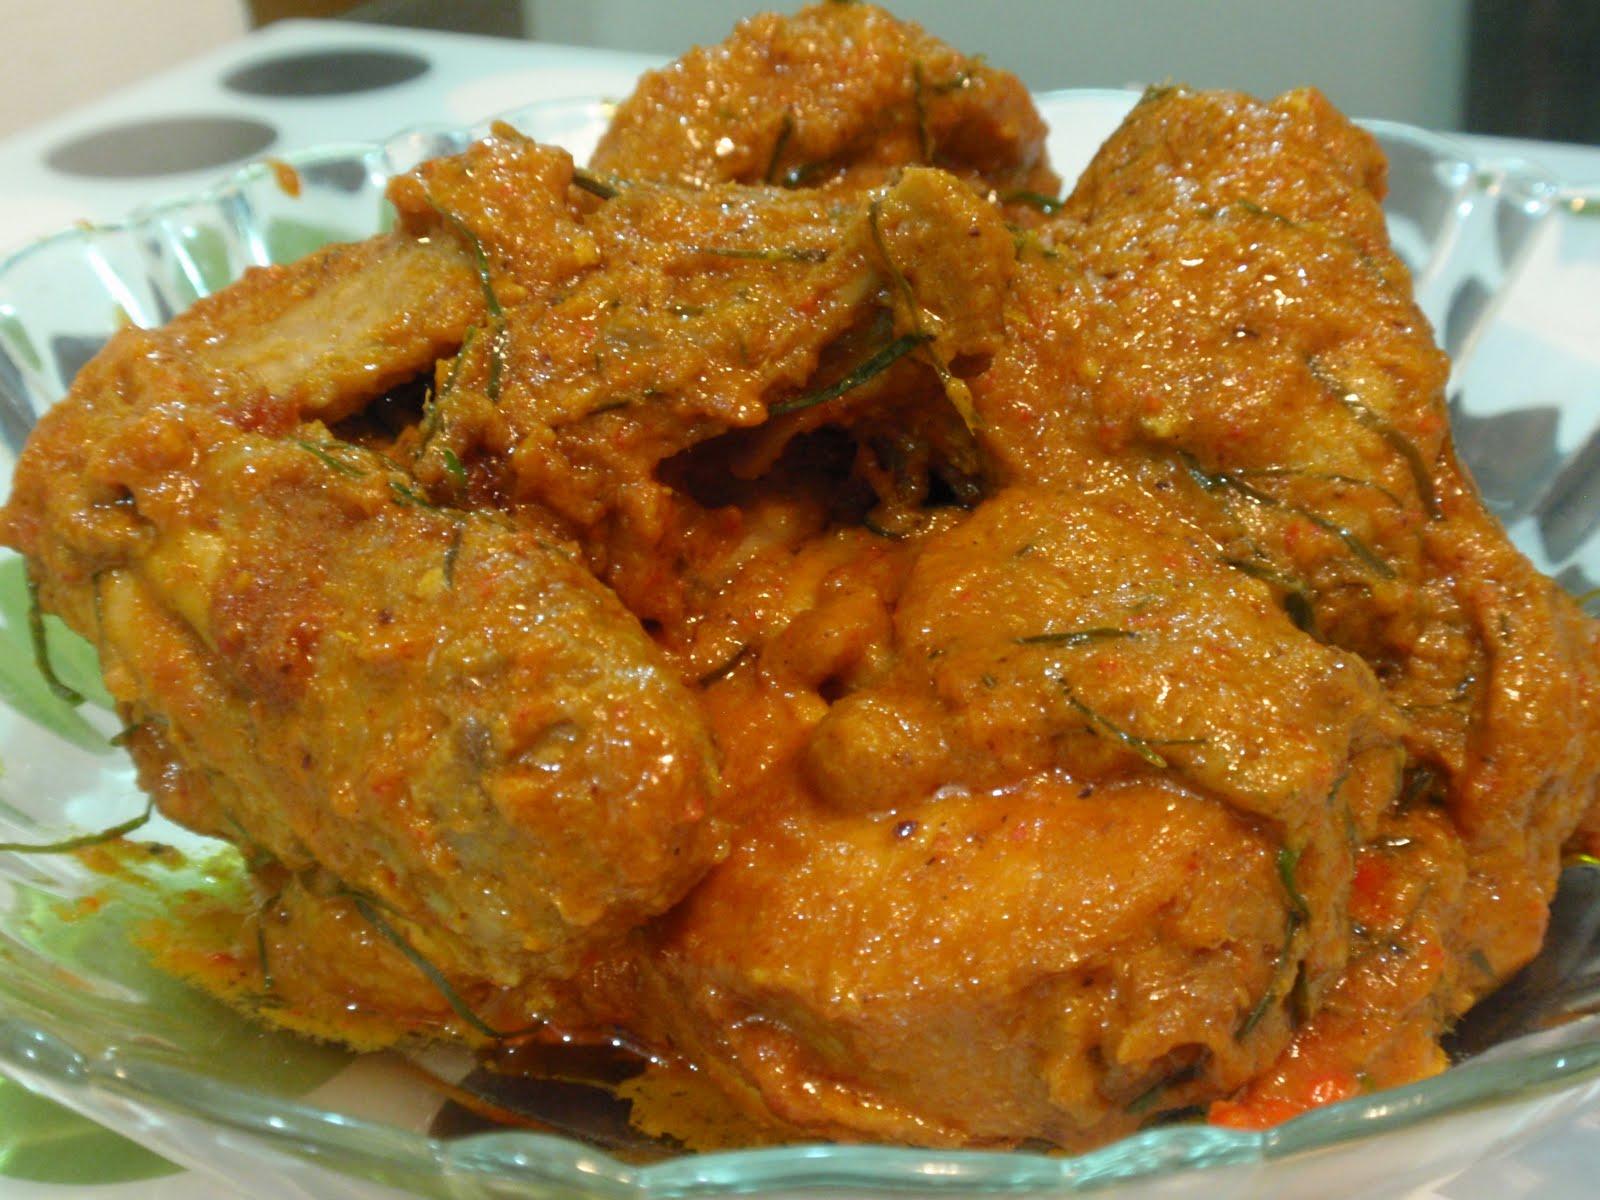 Resep Rendang Ayam Kuliner Khas Nusantara Yang Mudah Dibuat